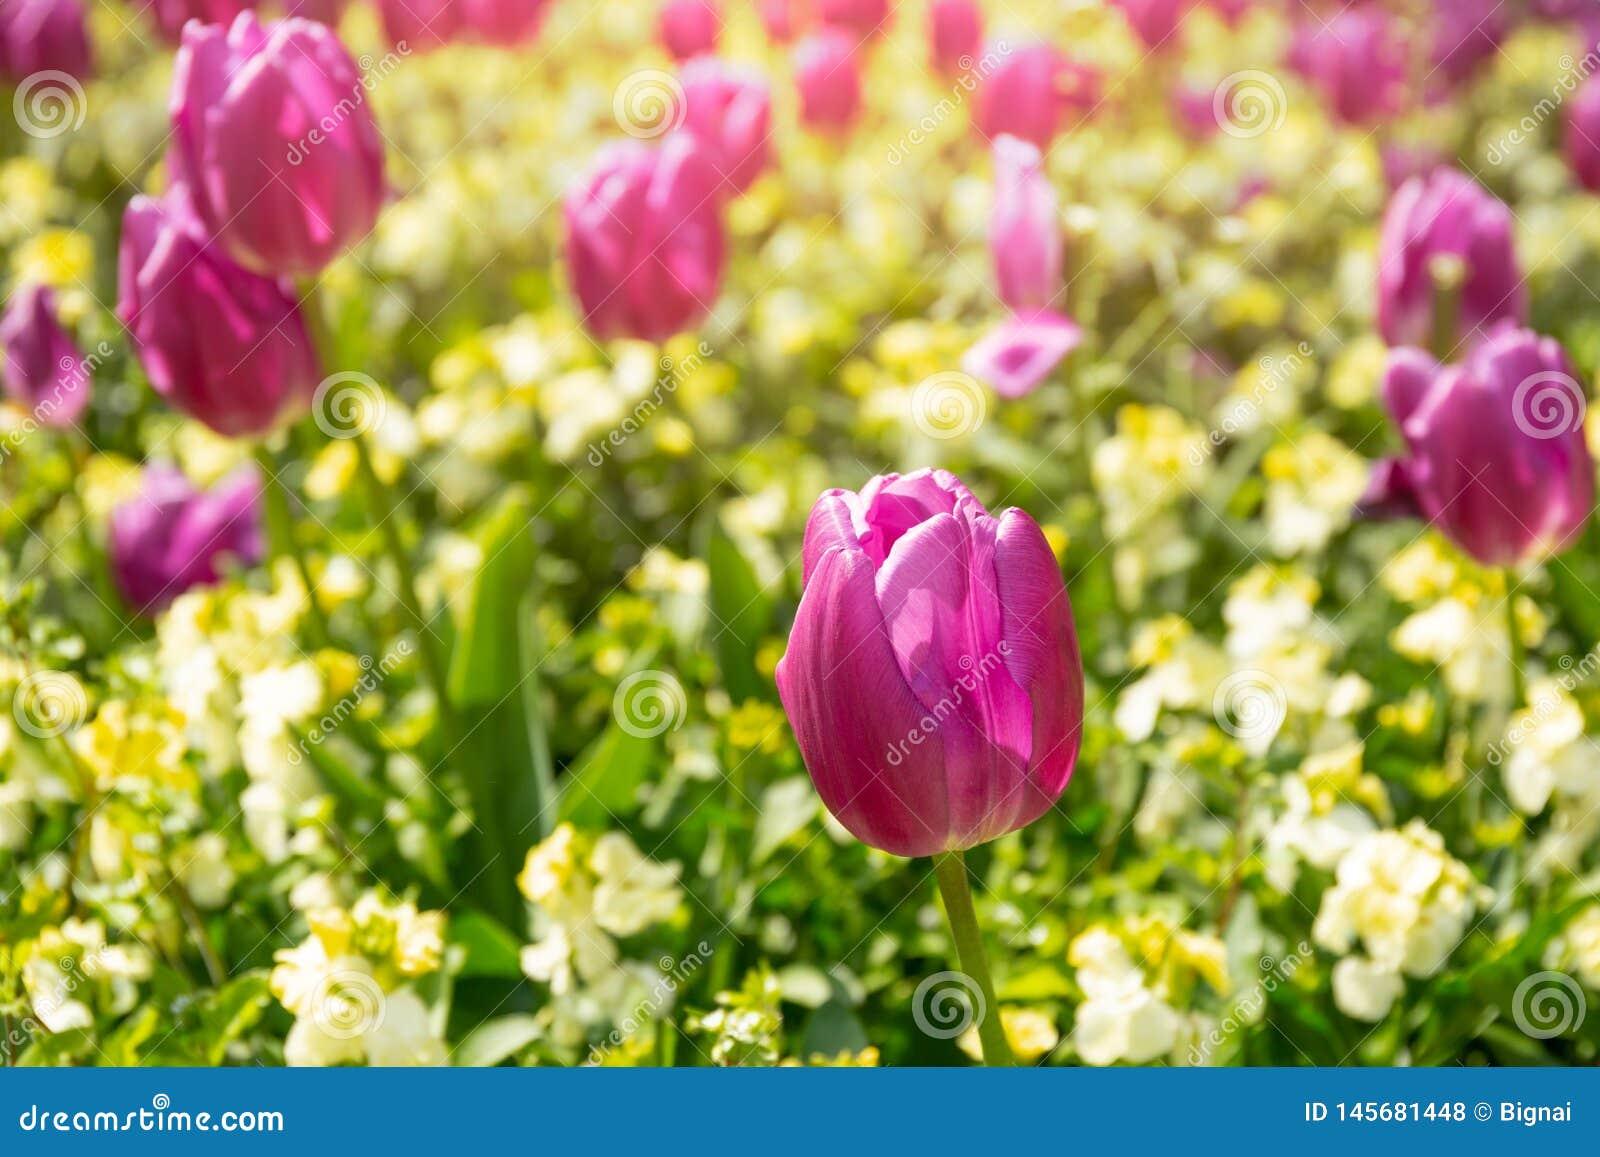 Flor selecionada da tulipa do rosa do foco no jardim com luz solar